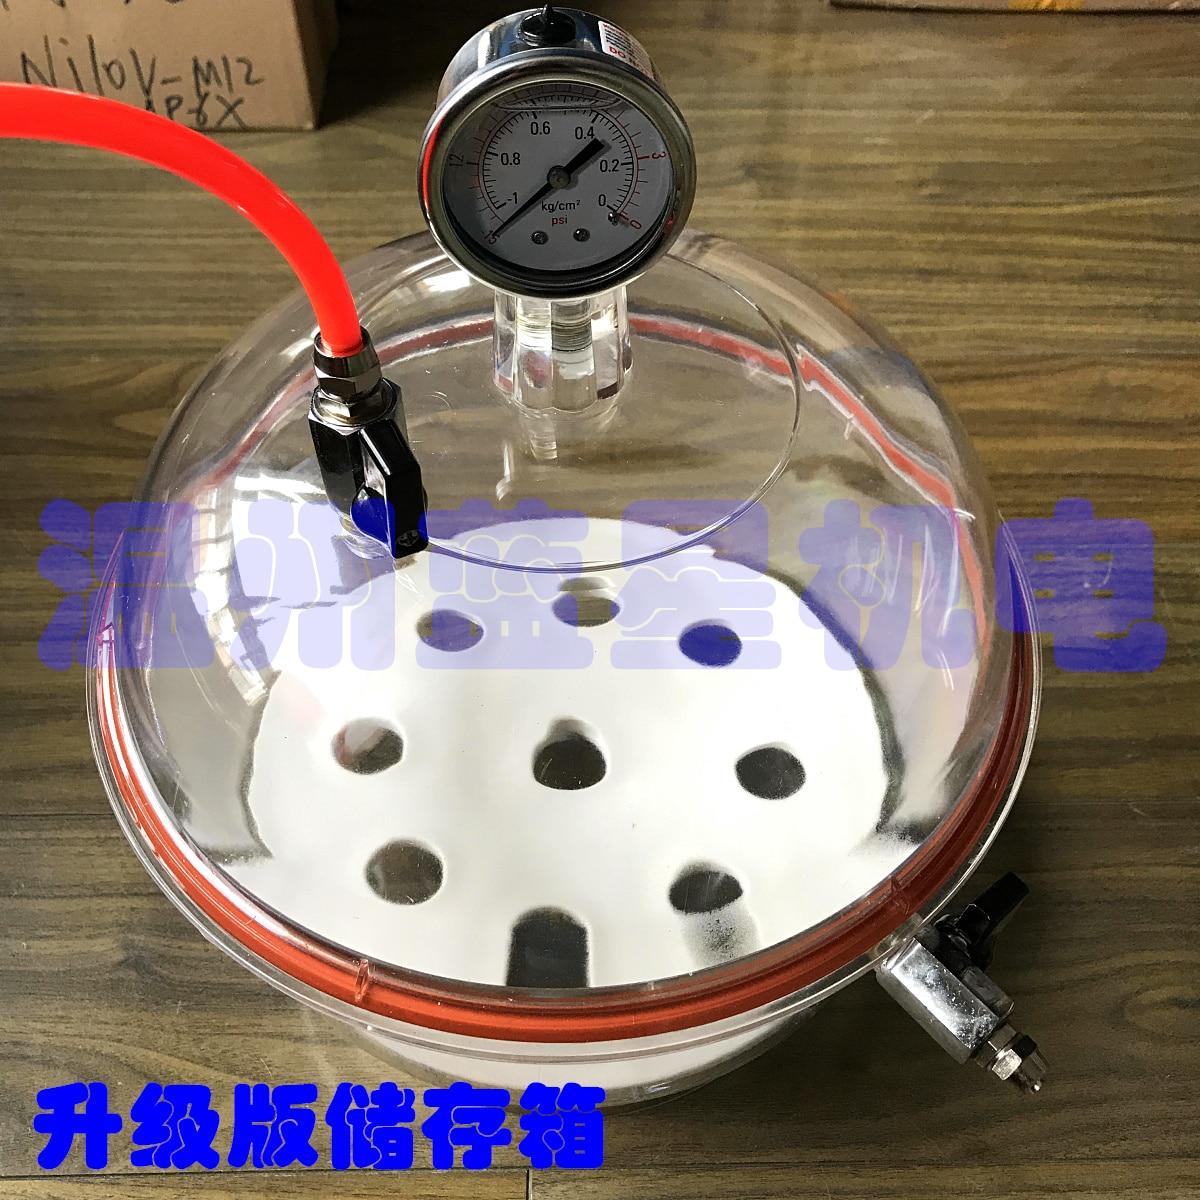 Tanque de armazenamento a vácuo tanque de armazenamento de vácuo vácuo secador de vácuo secagem prato armazenamento ZK277-315 PC-3 + vácuo bomba i-V120SV